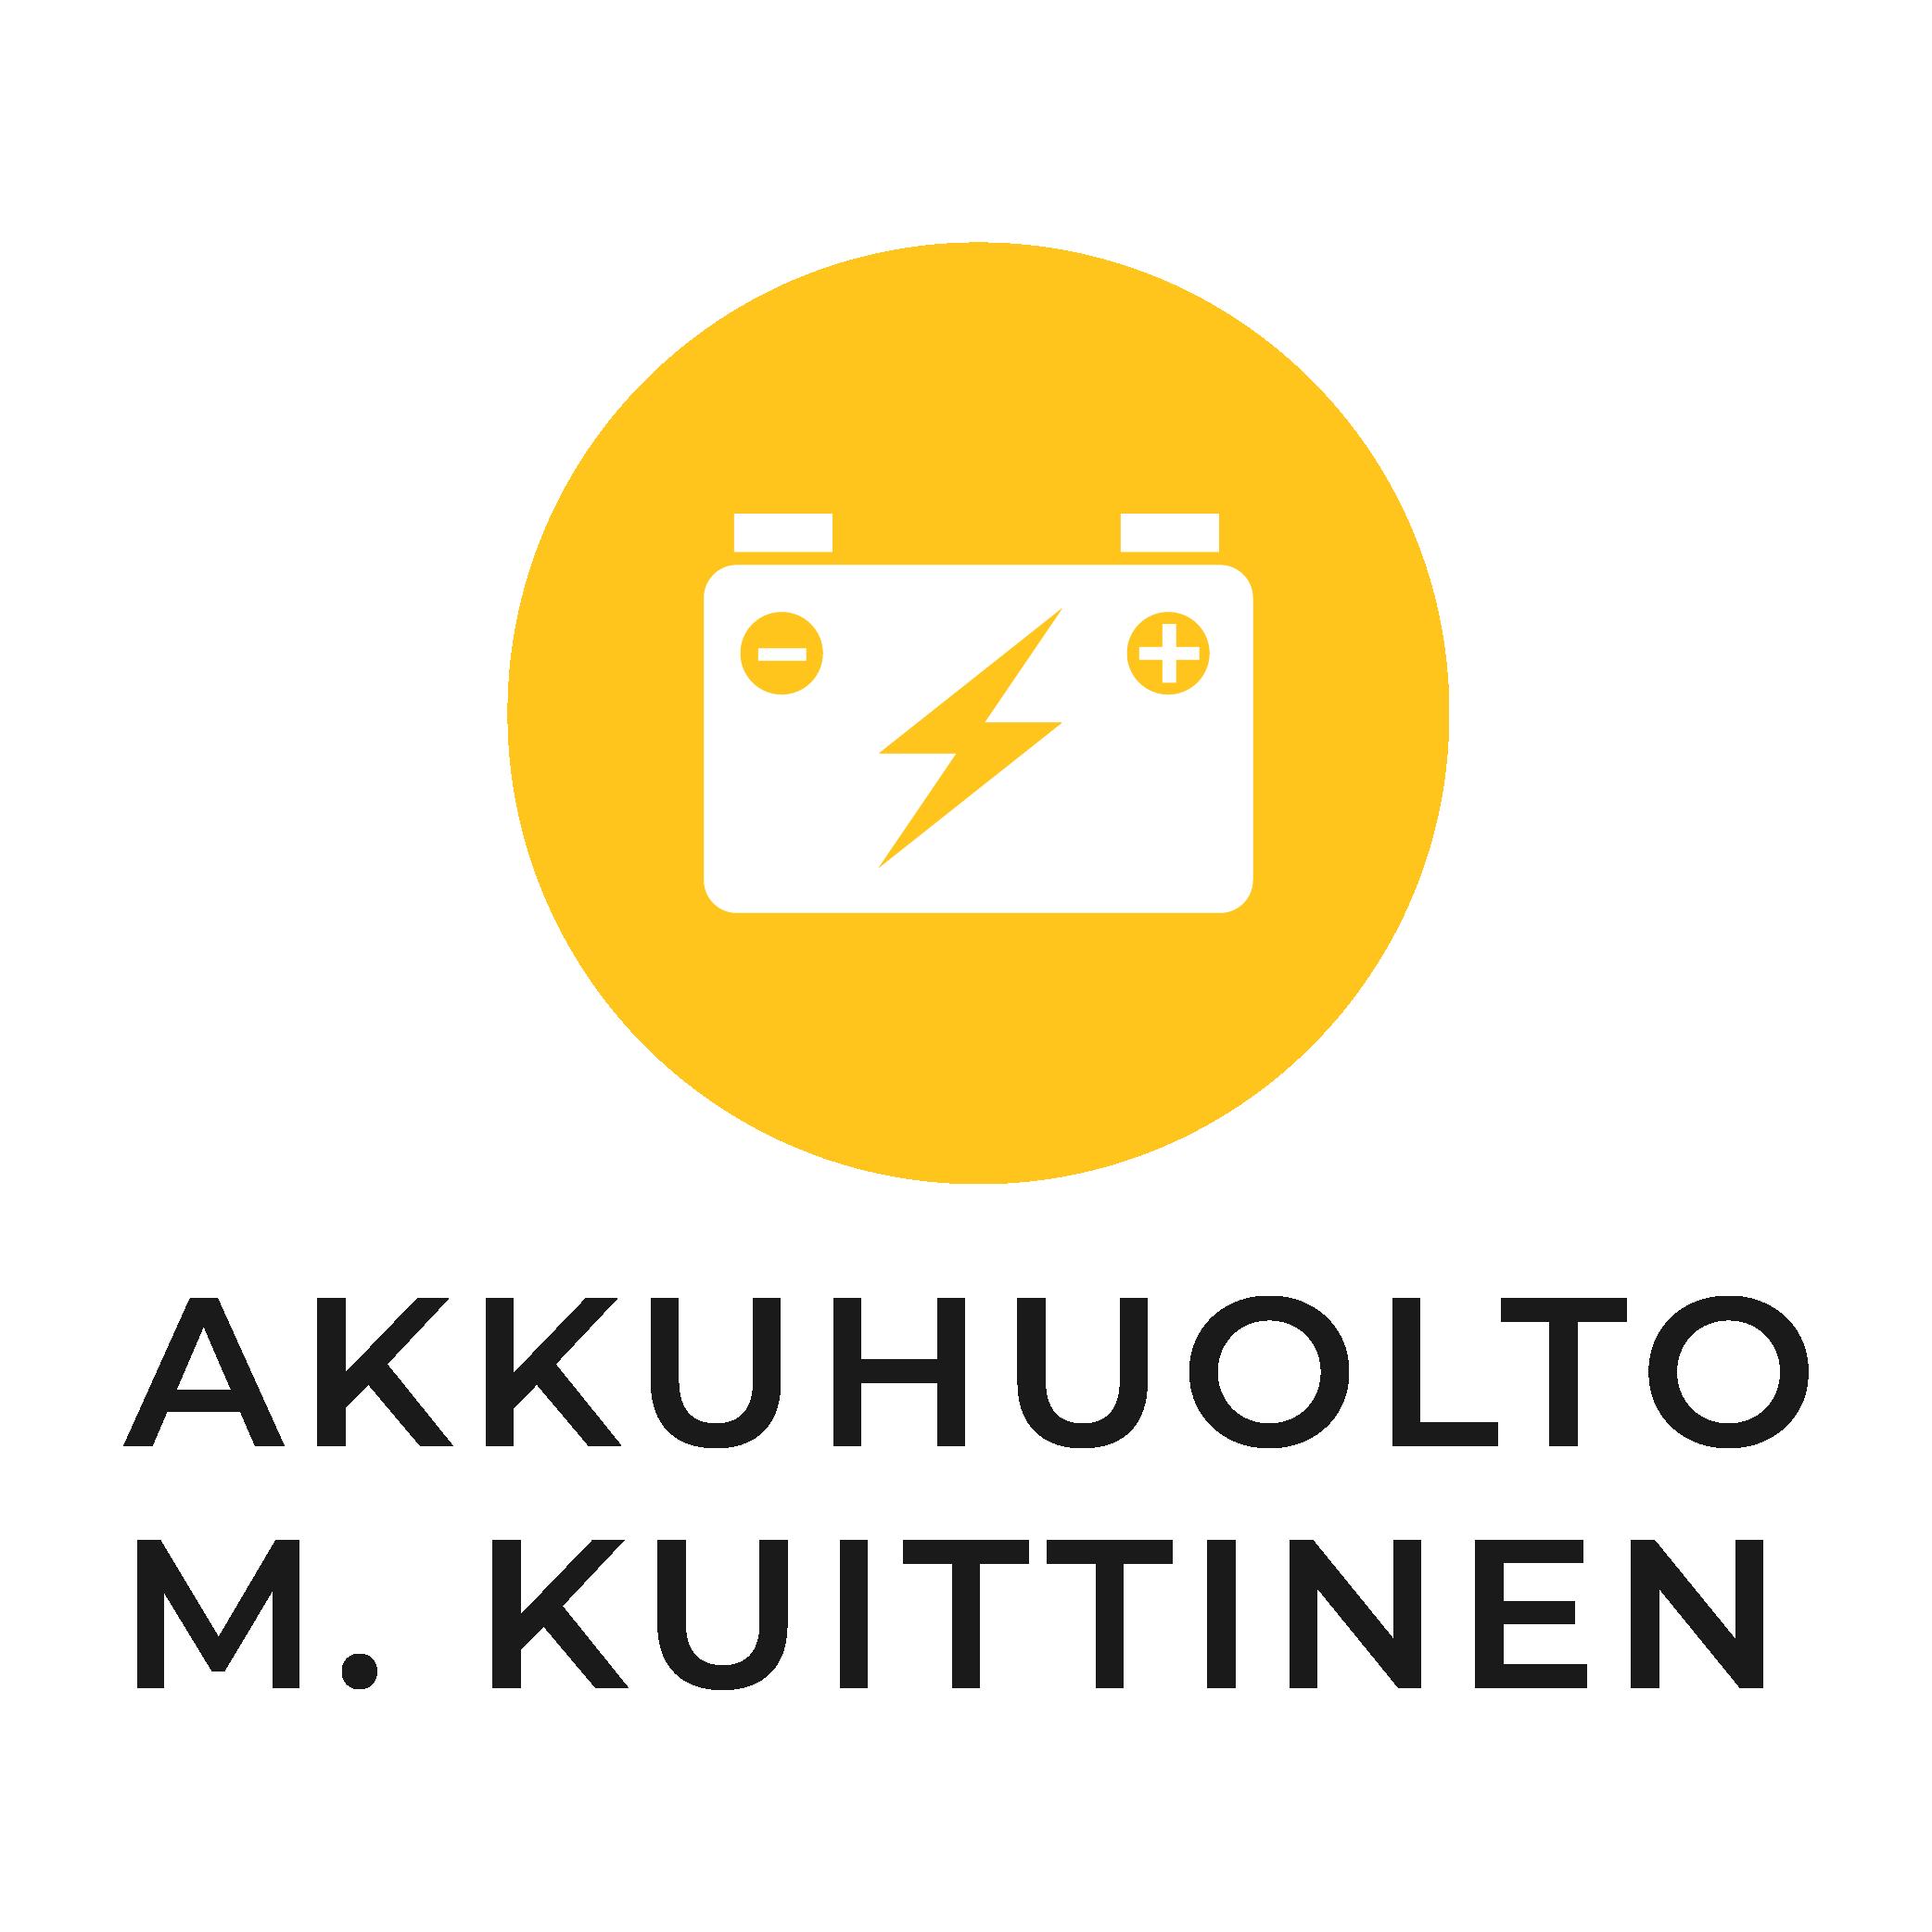 Akkuhuolto M. Kuittinen logo